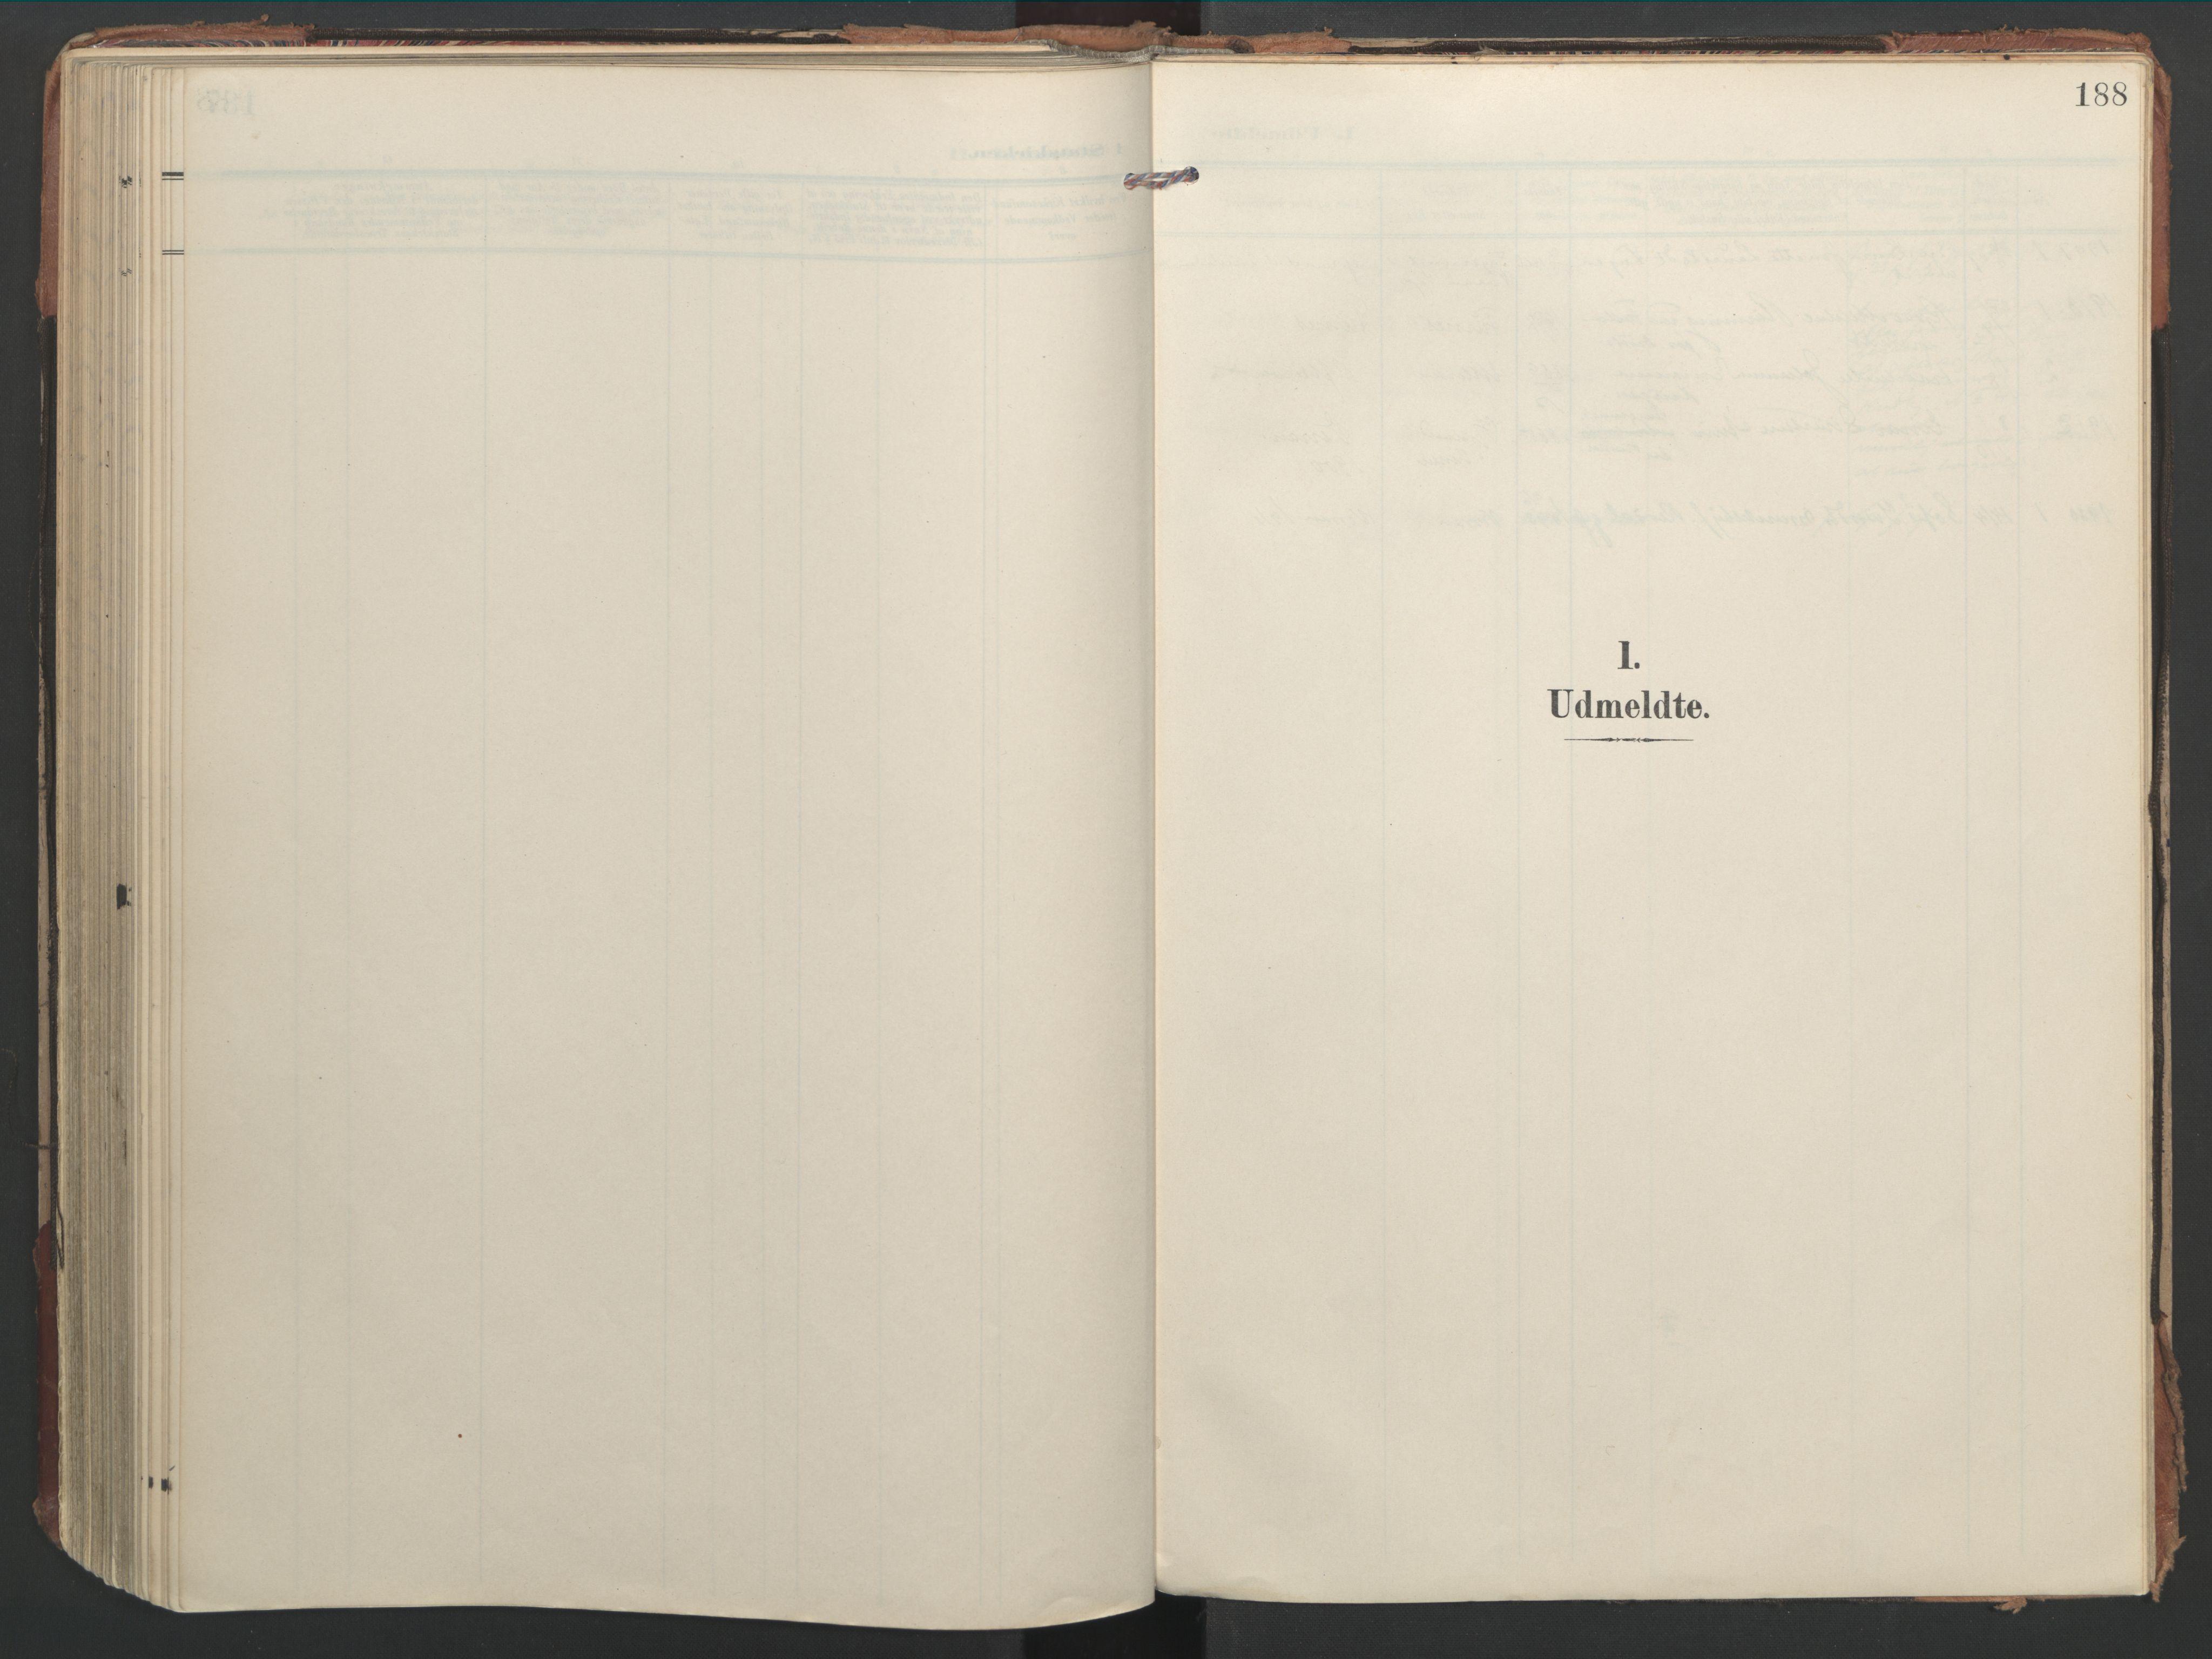 SAT, Ministerialprotokoller, klokkerbøker og fødselsregistre - Nord-Trøndelag, 744/L0421: Ministerialbok nr. 744A05, 1905-1930, s. 188